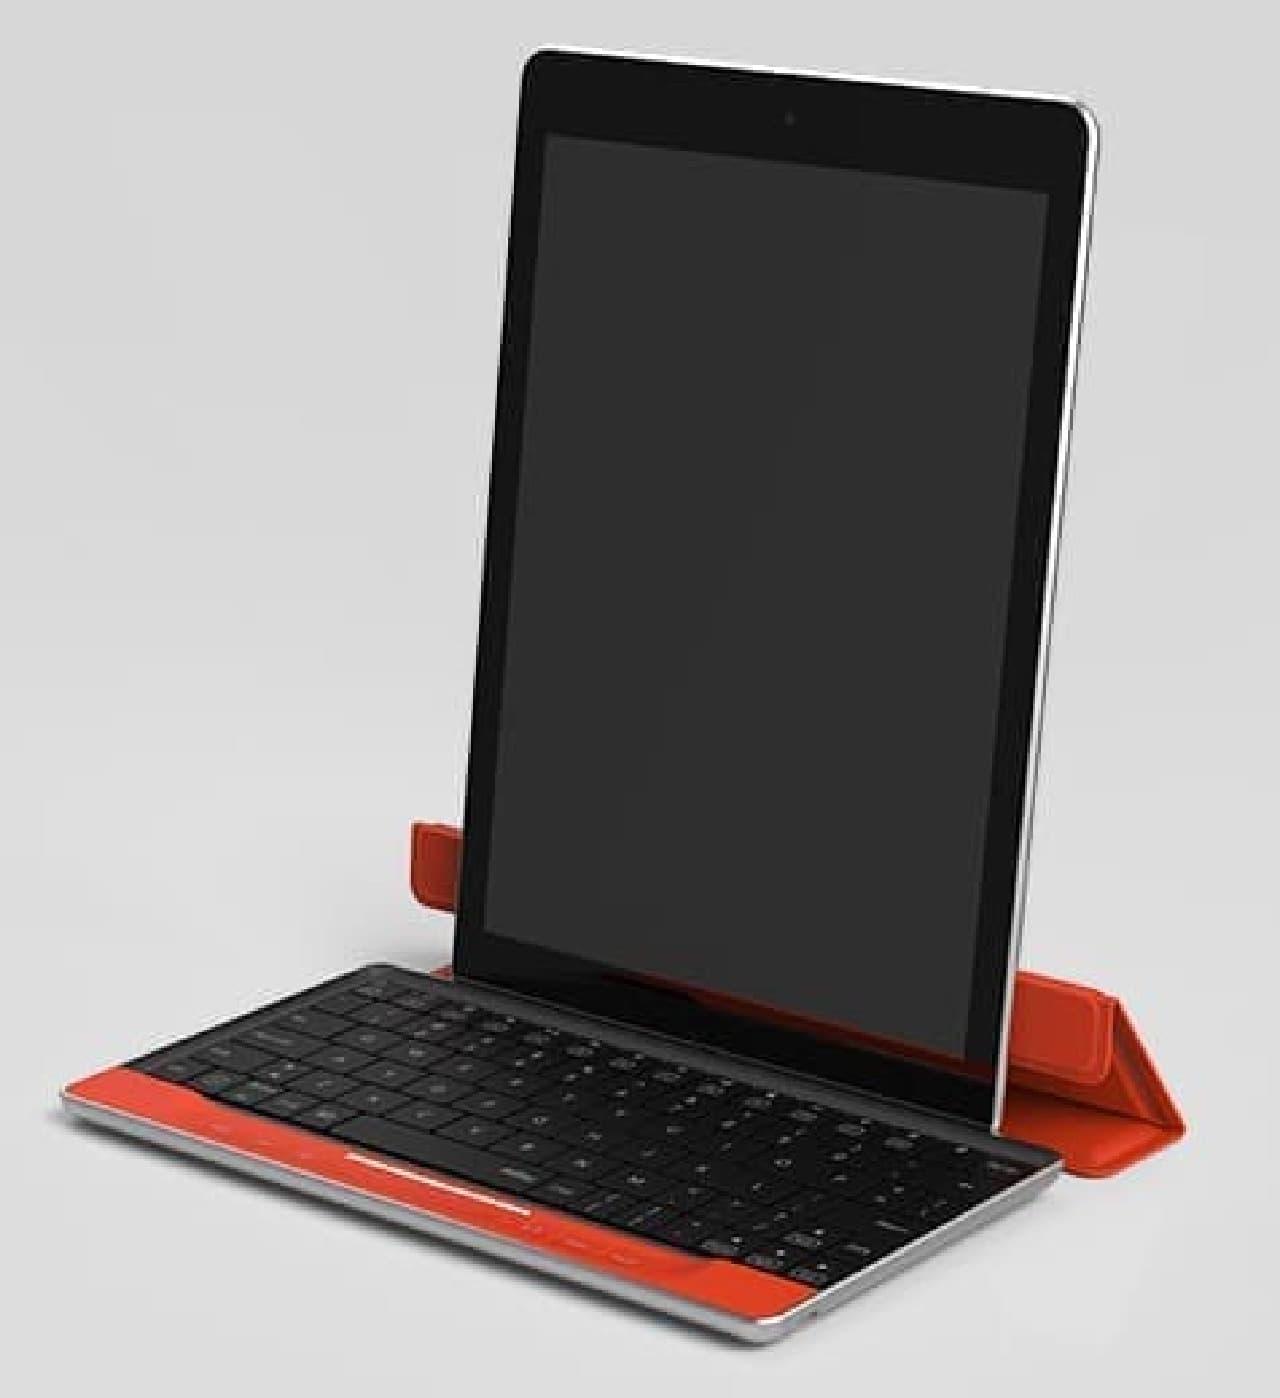 キートップカバーをタブレットスタンドとして利用した例